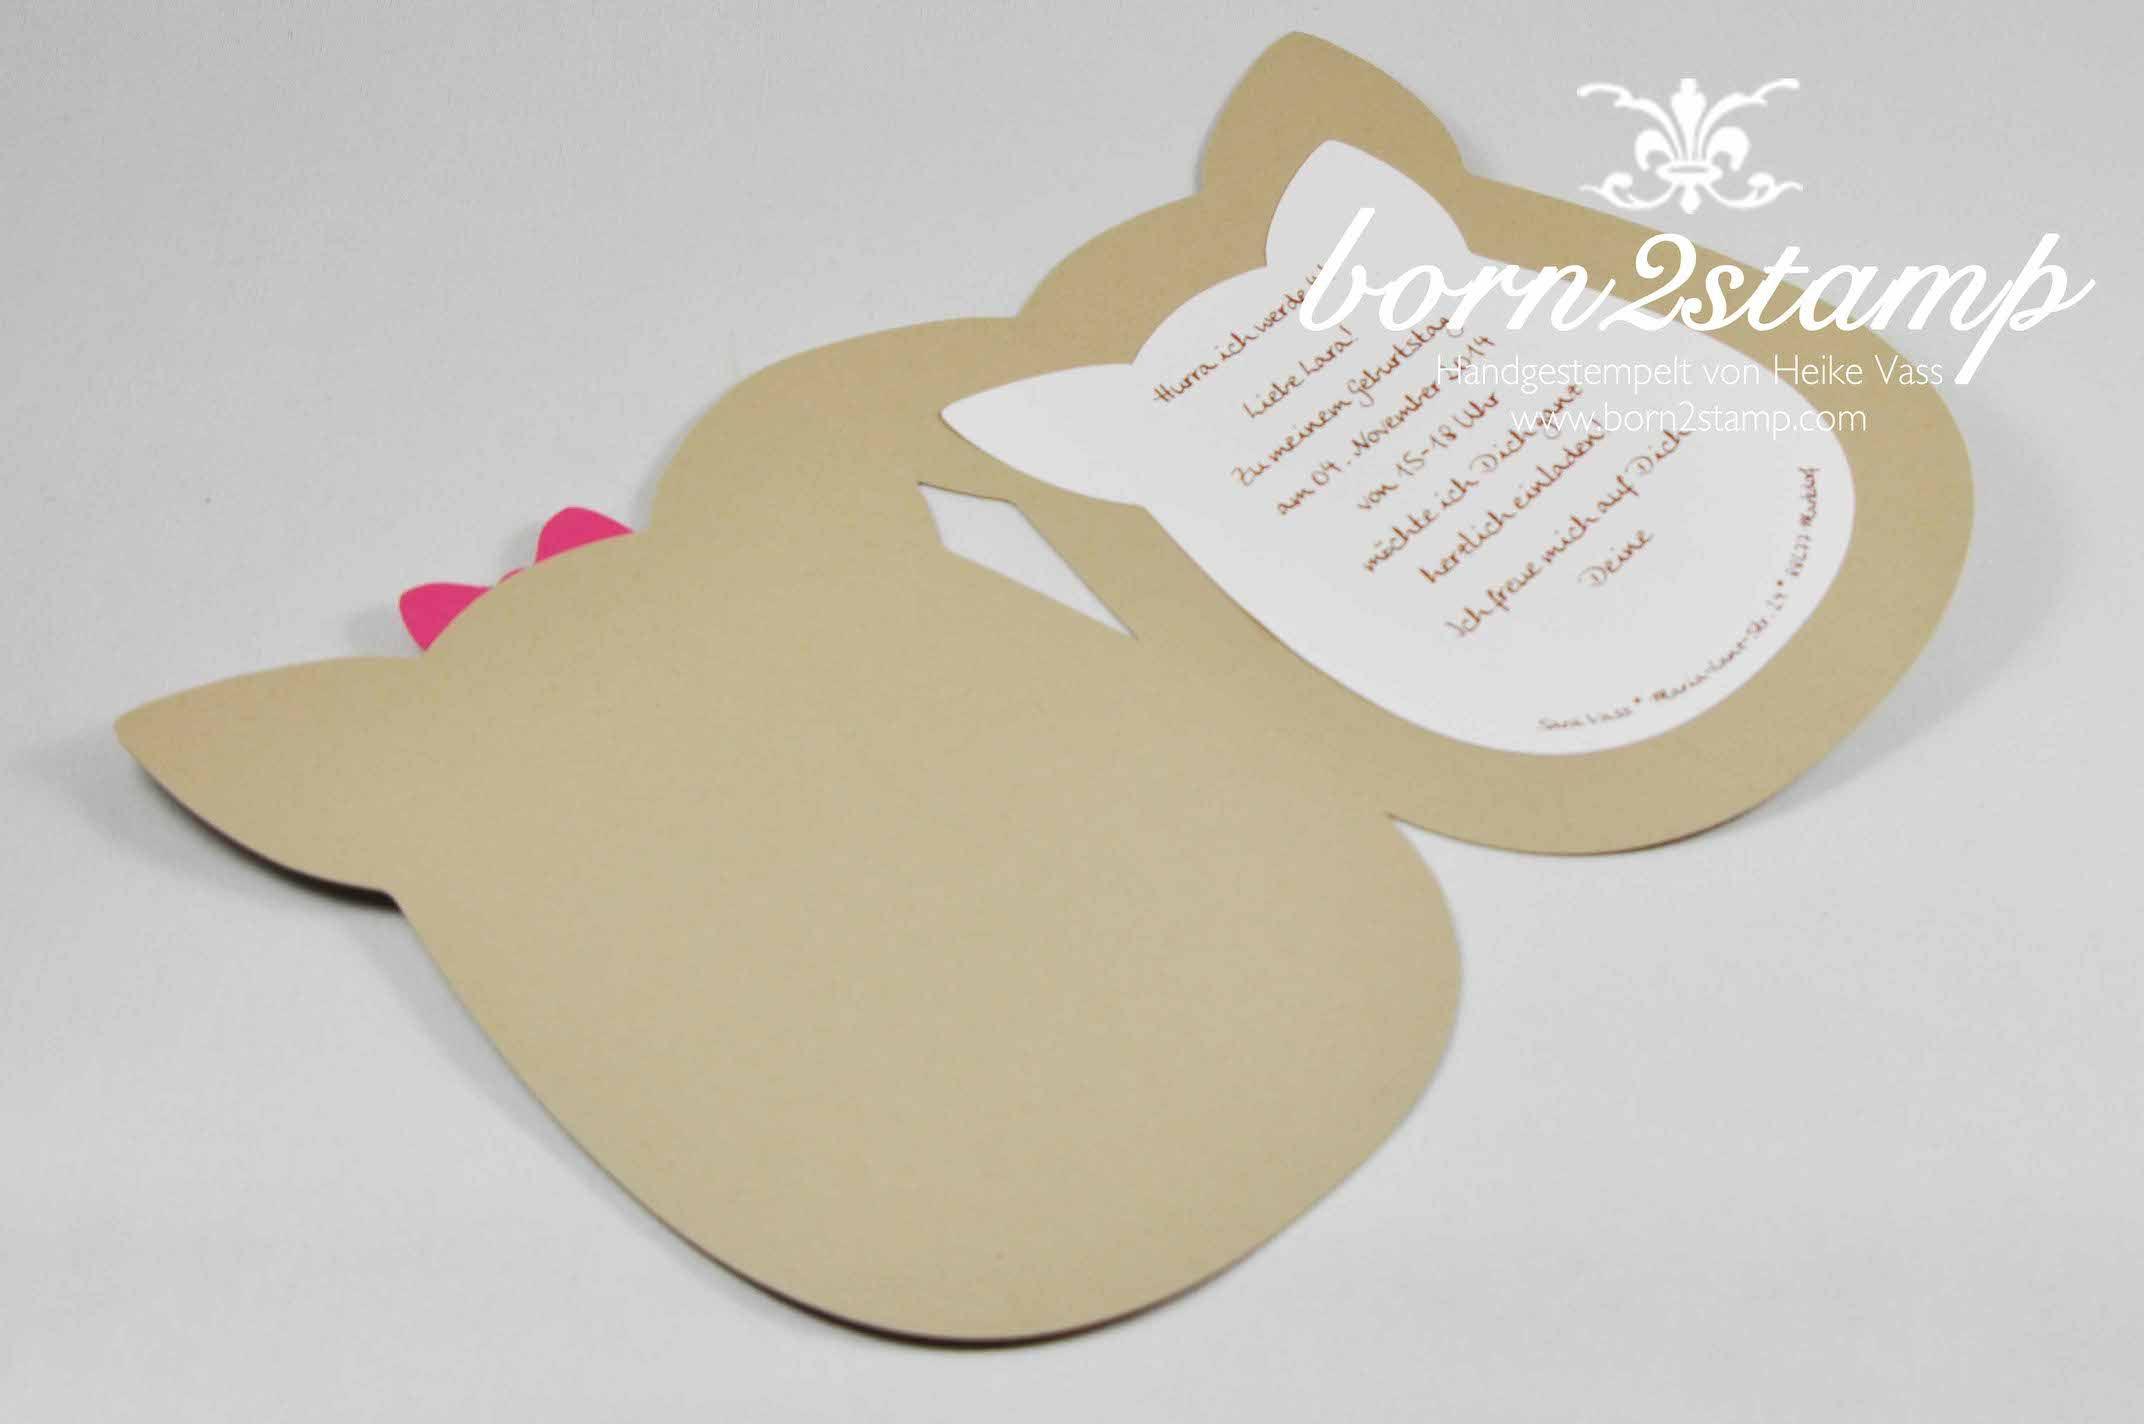 stampin' up! born2stamp silhouette cameo einladung pferdeparty, Einladungskarten